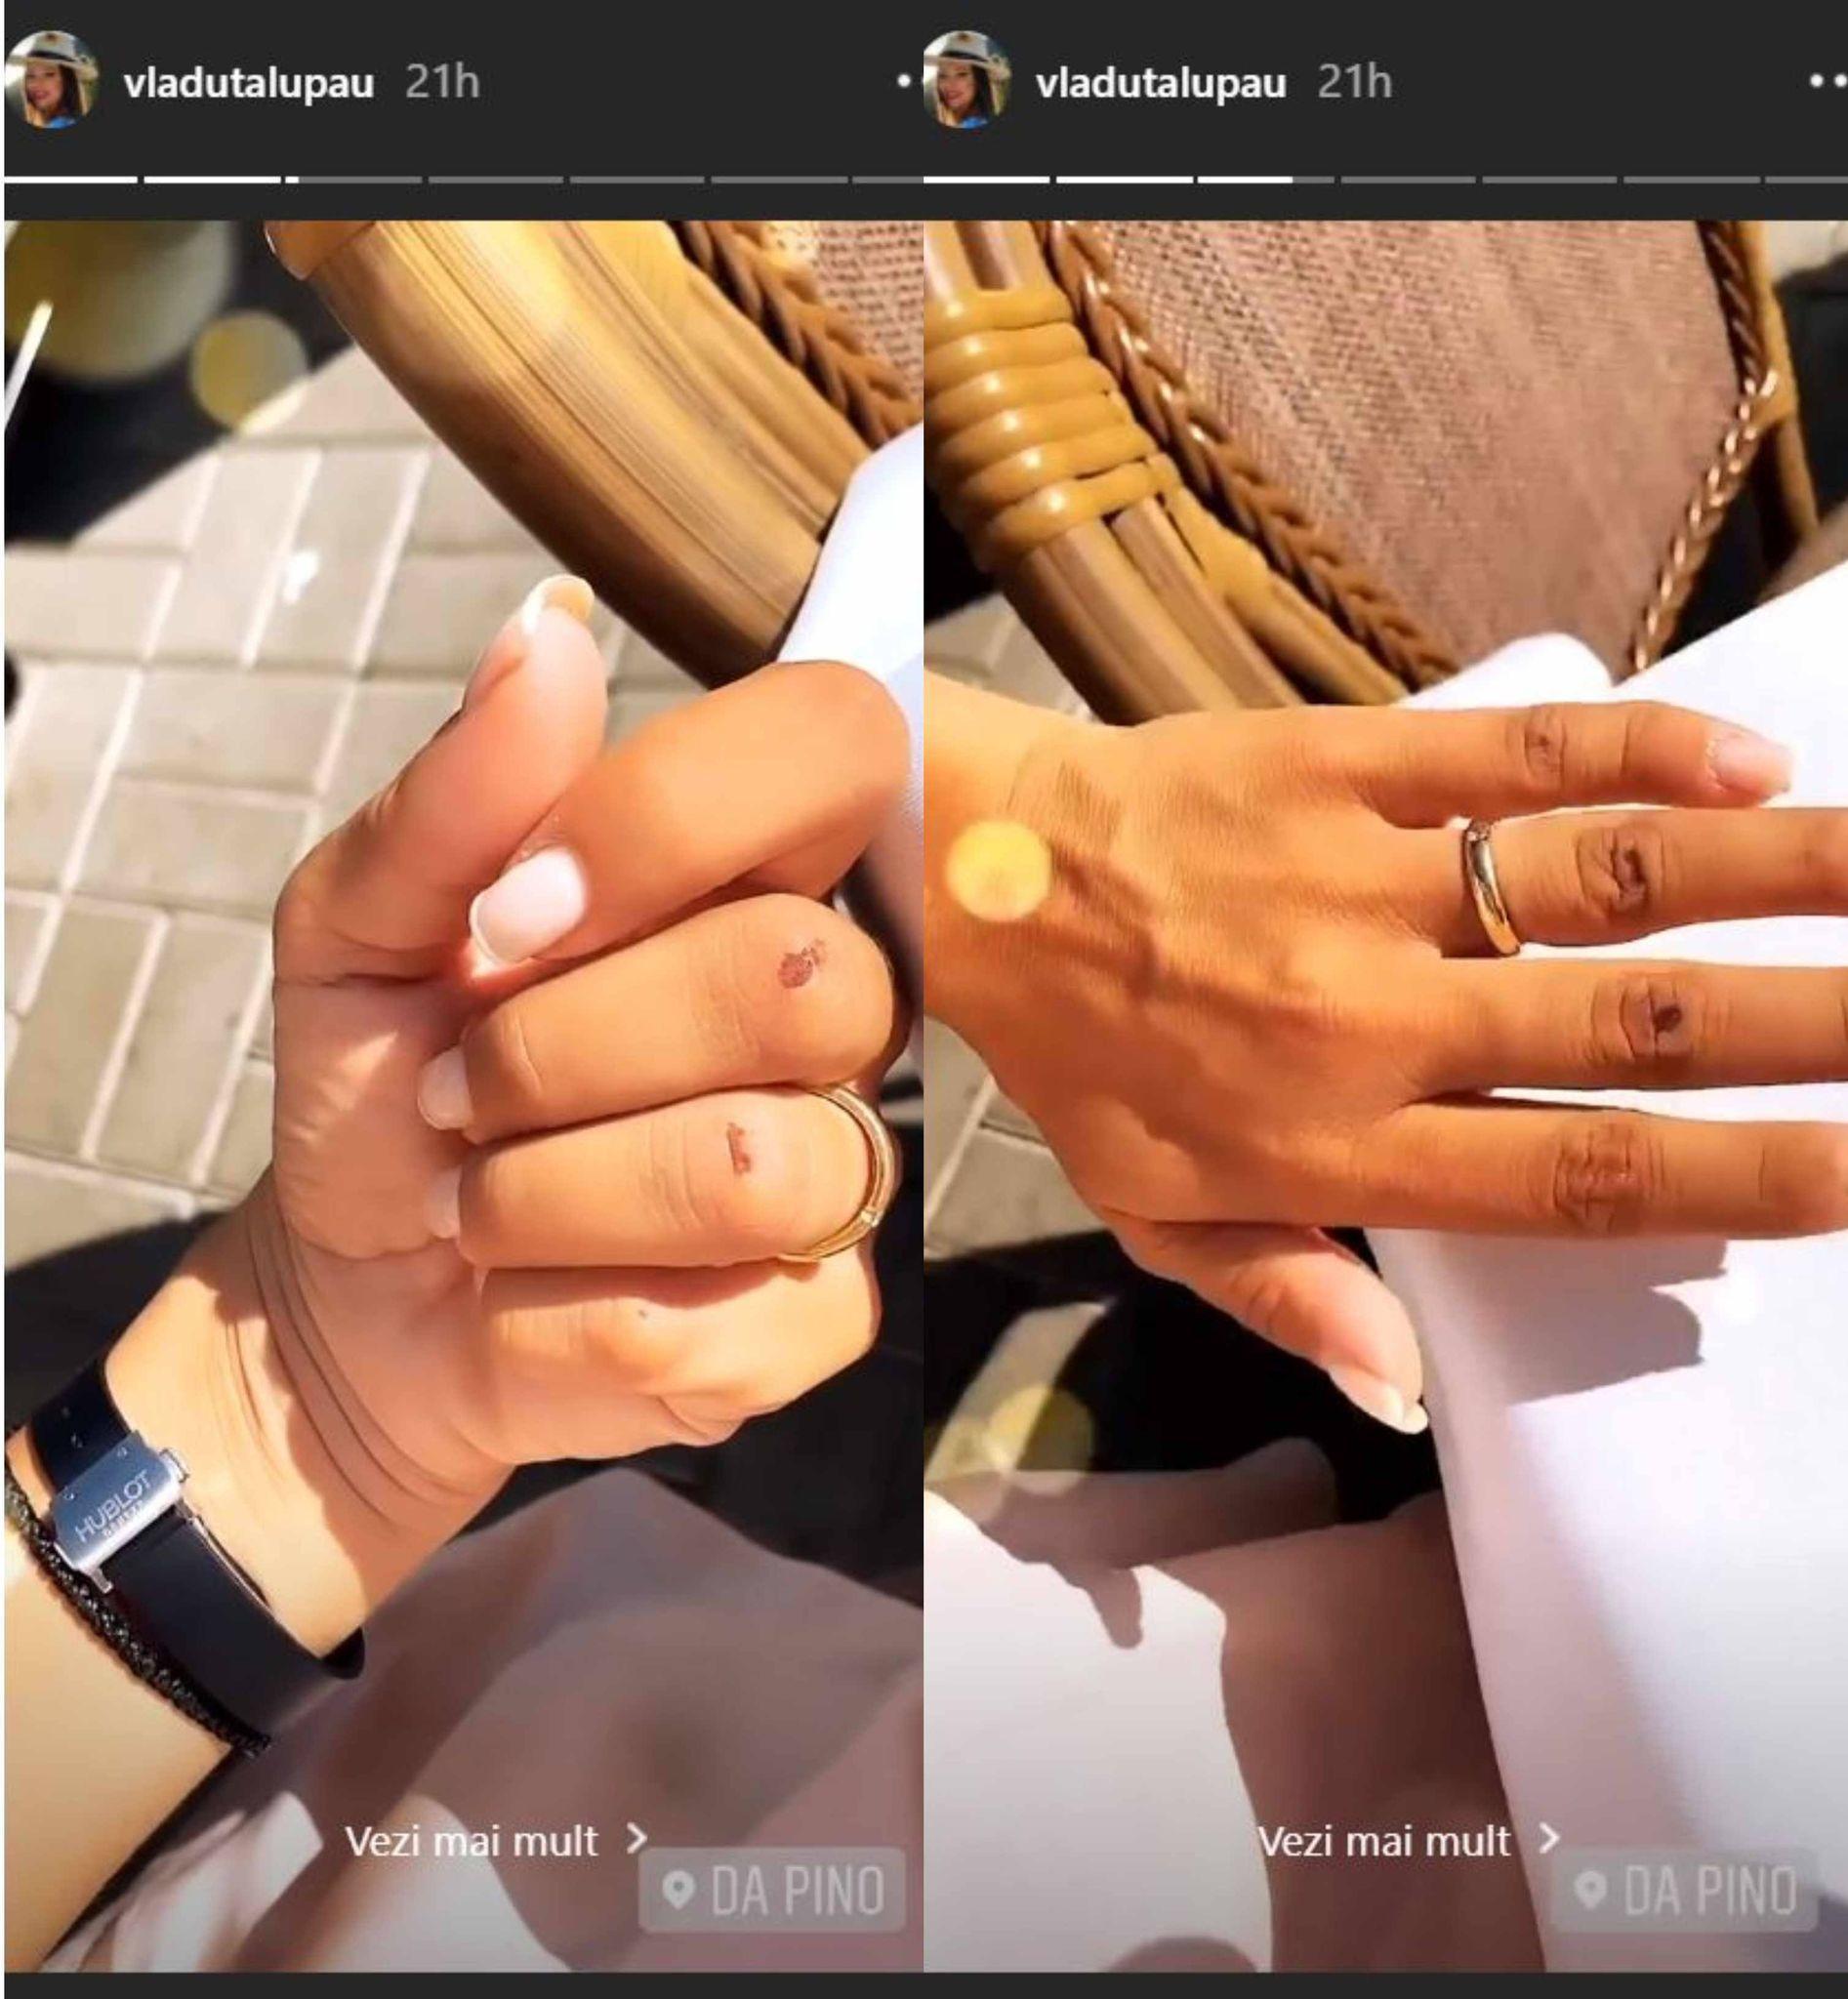 Vlăduța Lupău, rănită la degete în urma unei căzături